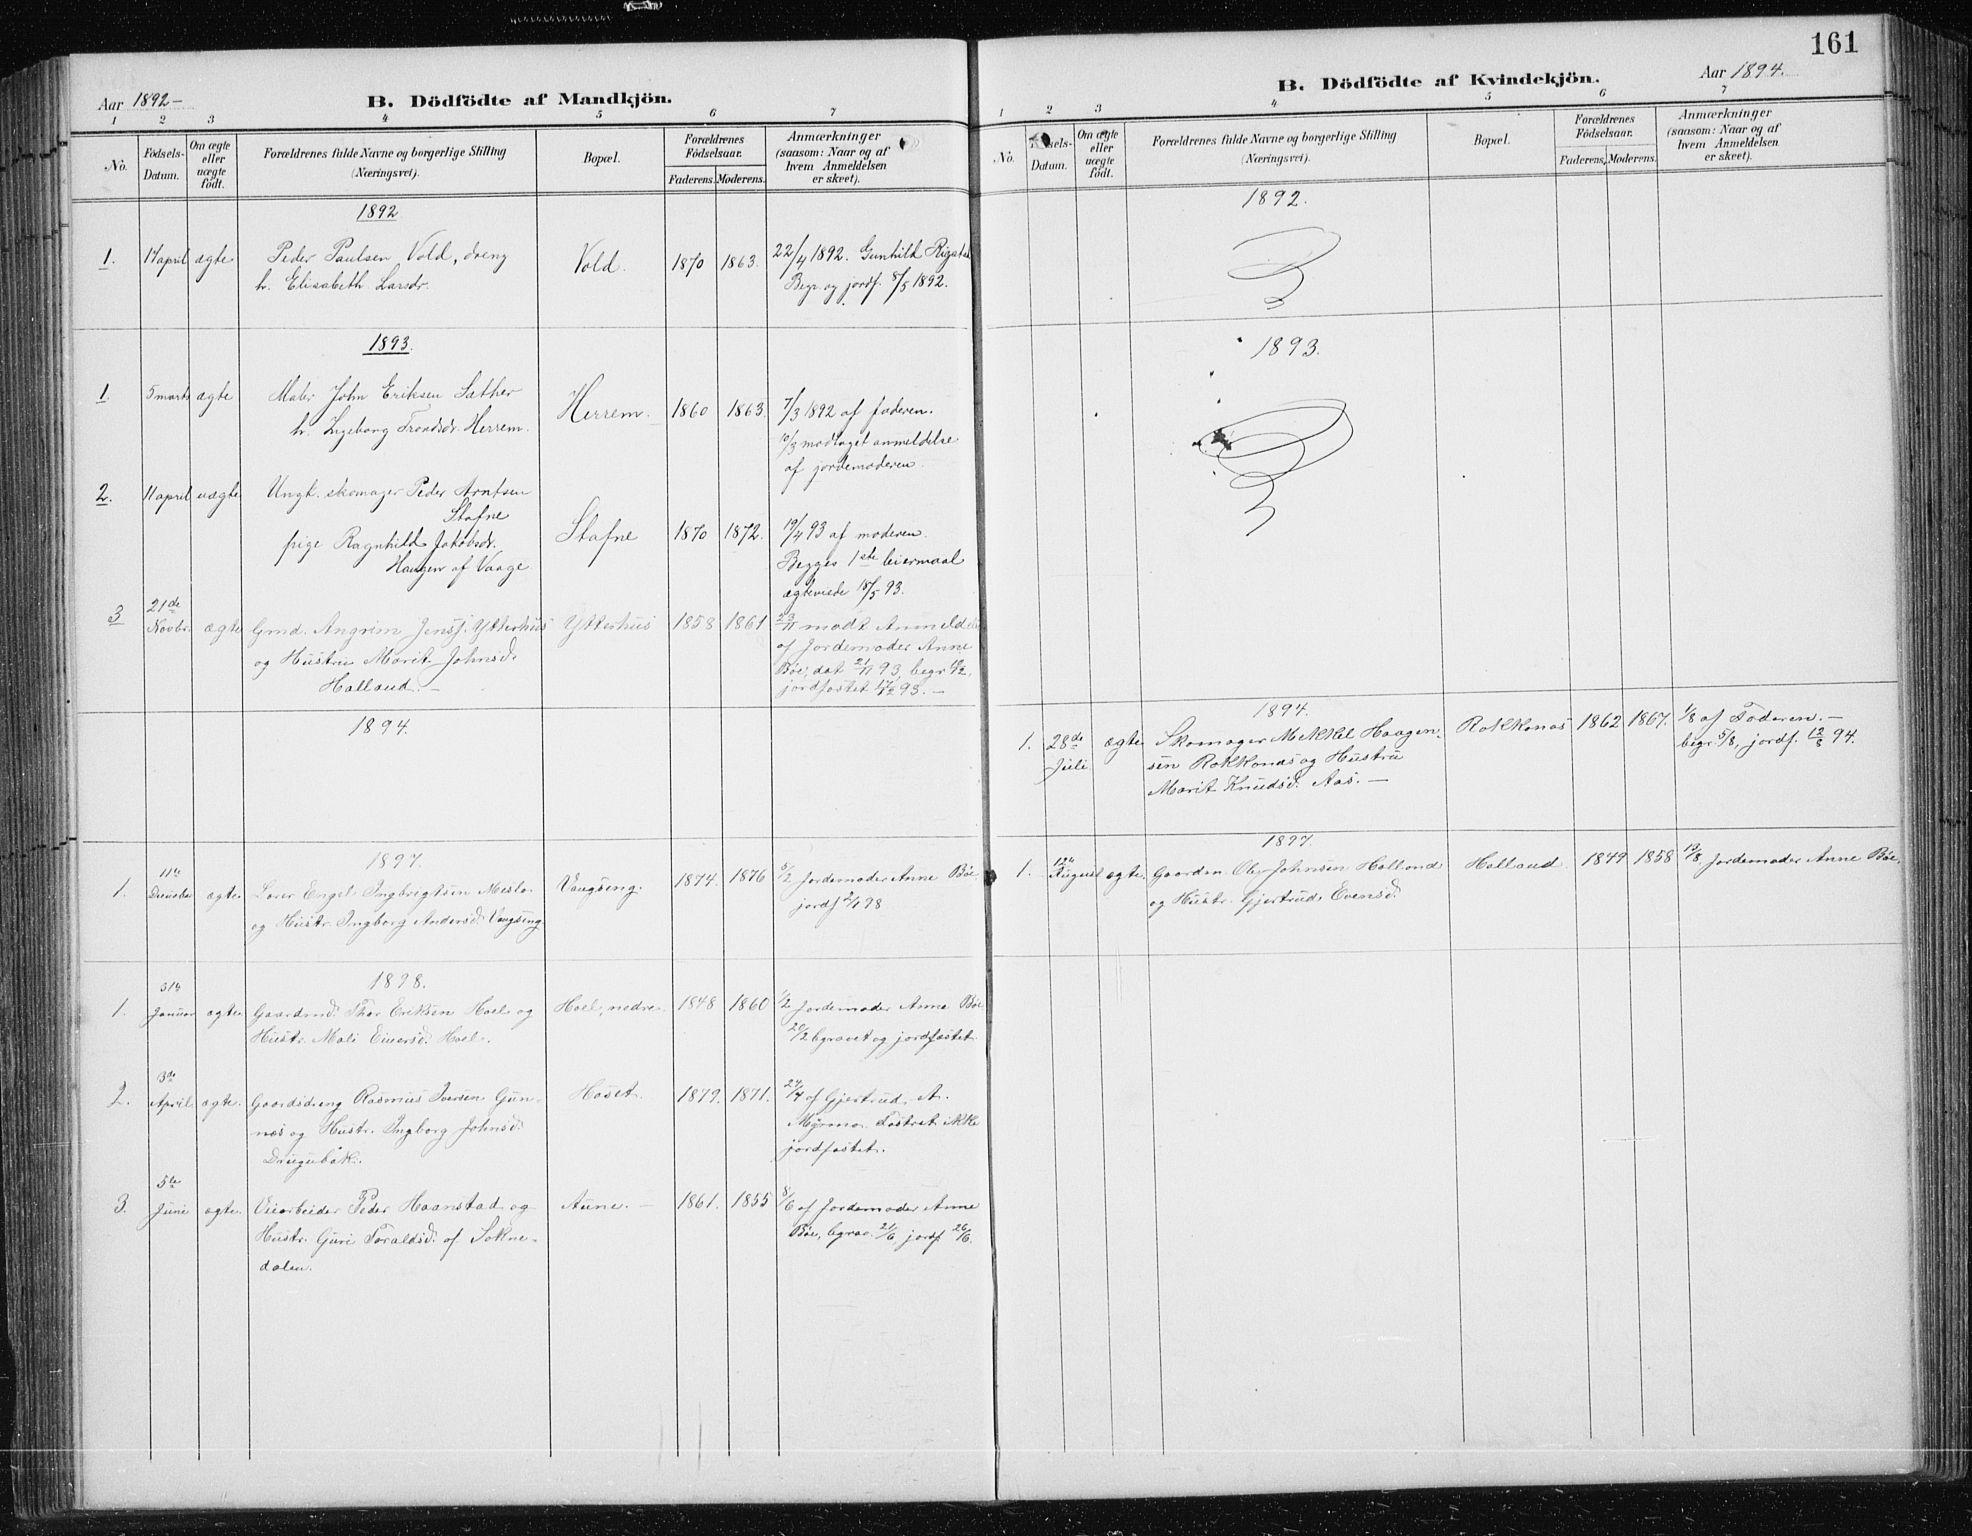 SAT, Ministerialprotokoller, klokkerbøker og fødselsregistre - Sør-Trøndelag, 674/L0876: Klokkerbok nr. 674C03, 1892-1912, s. 161